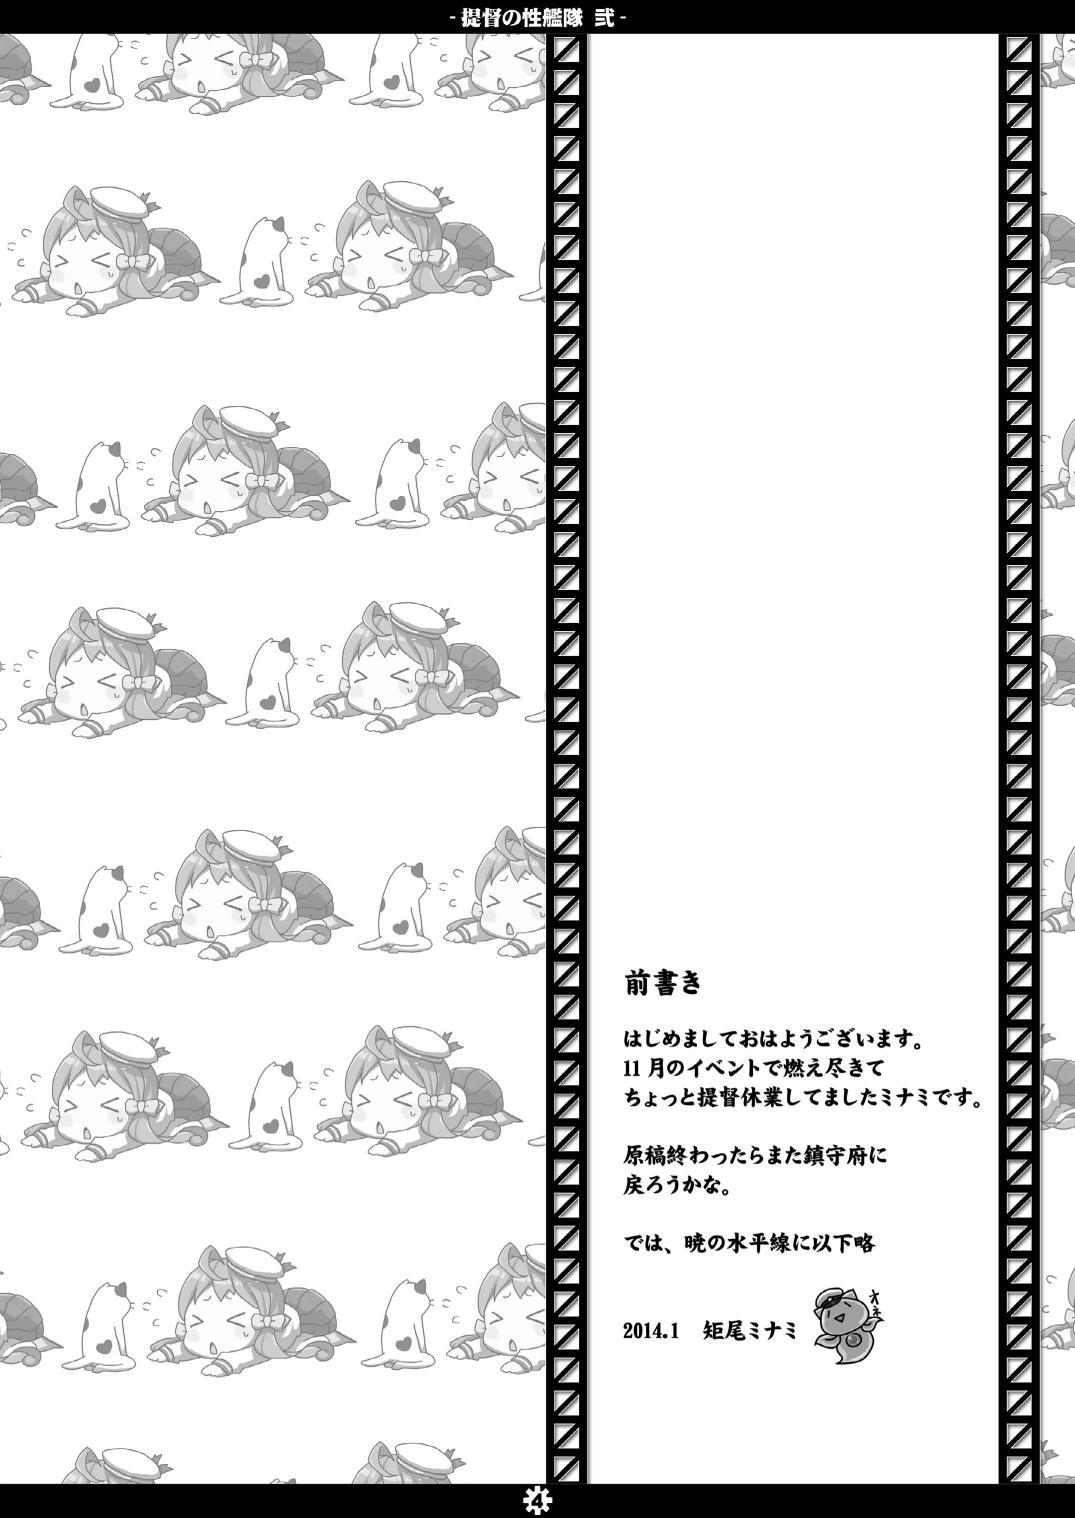 Teitoku no Sei Kantai Ni 2